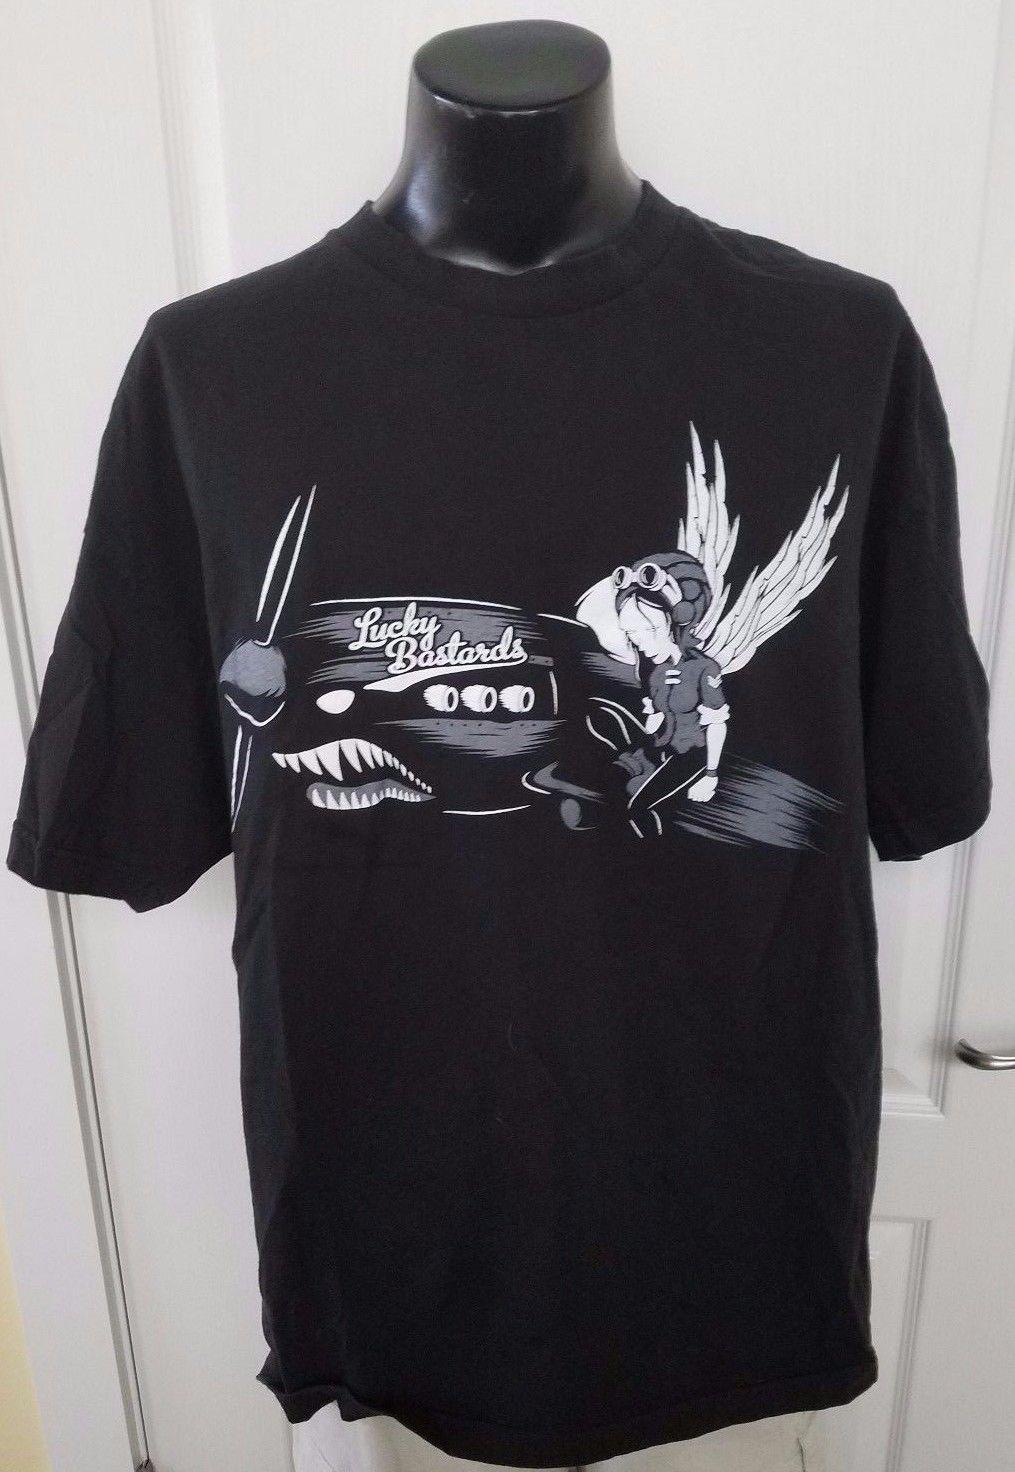 7eb6f1664 Compre Sorte Bastards Guerra Avião Piloto Asas De Anjo Anime Camiseta Preta  2XL XXL Raro De Customtshirt201805